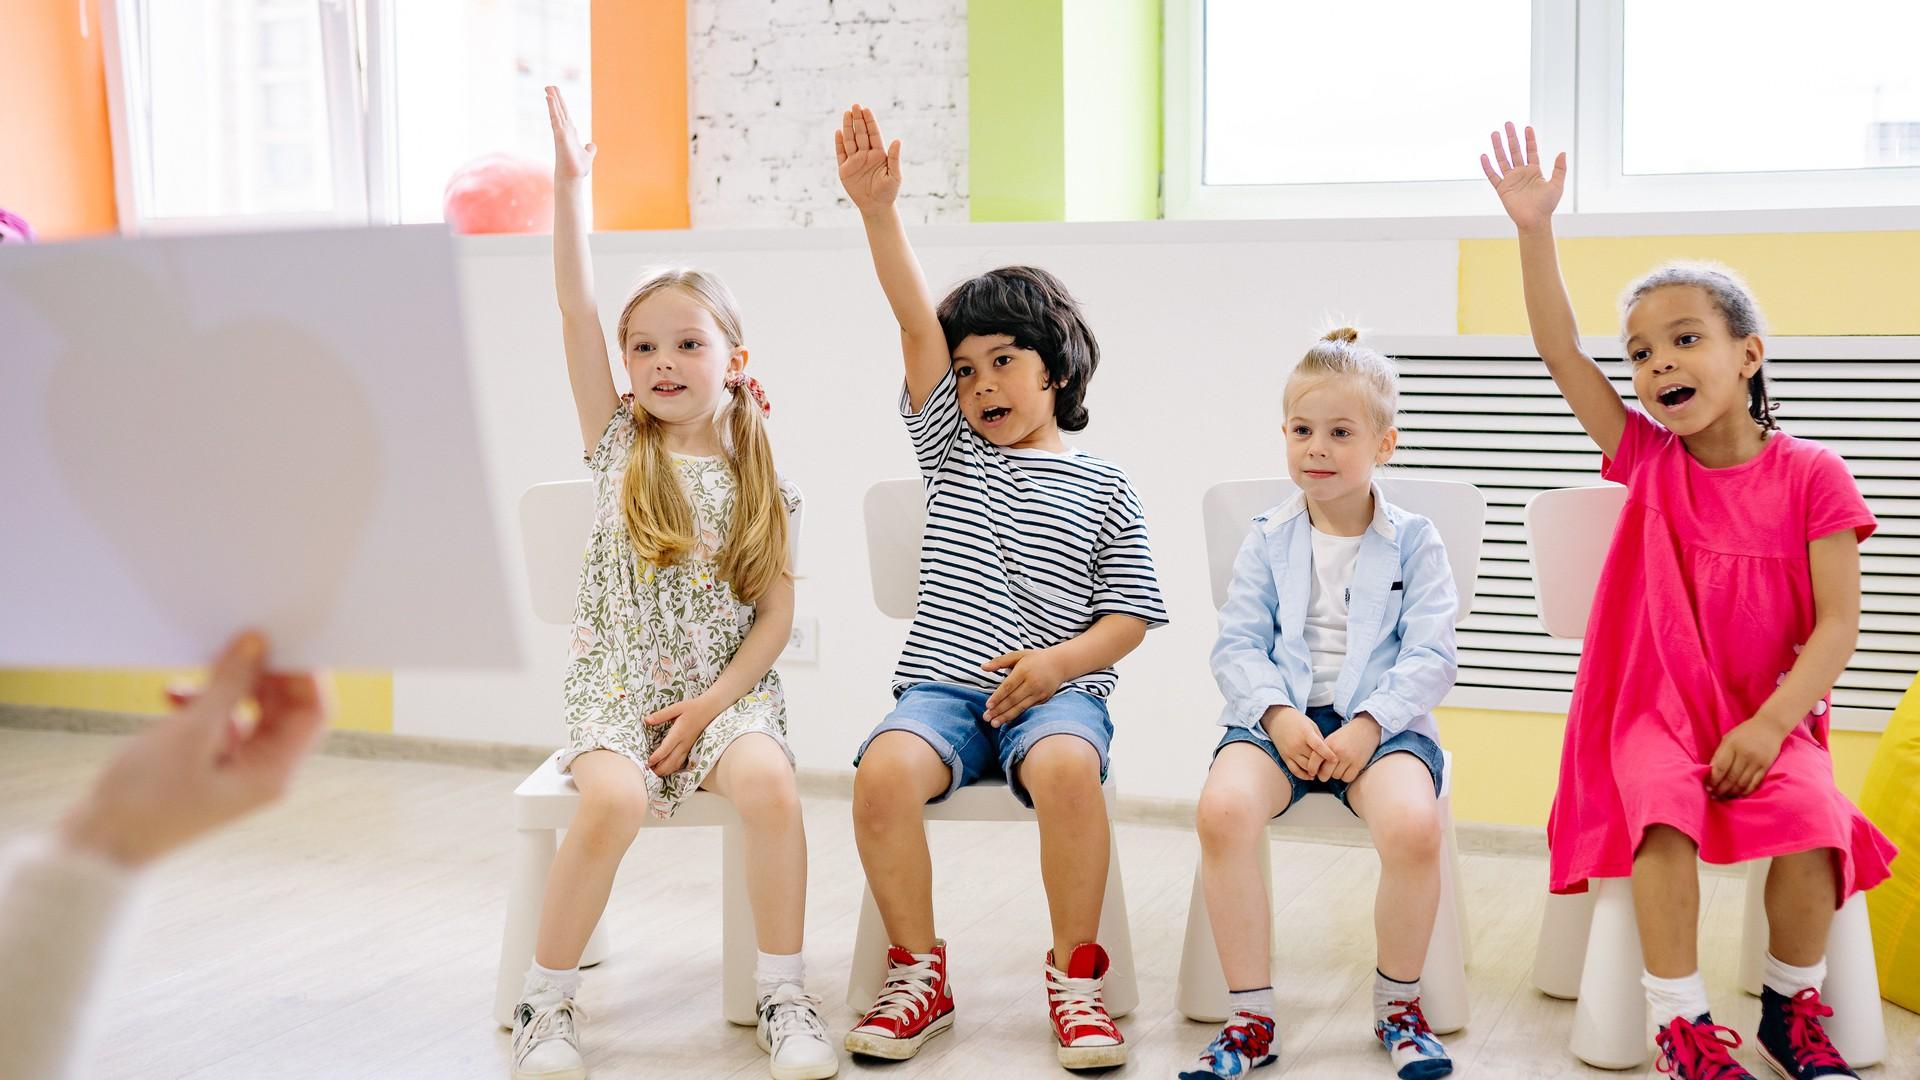 Grundschulkinder nehmen am Unterricht in ihrer Klasse teil